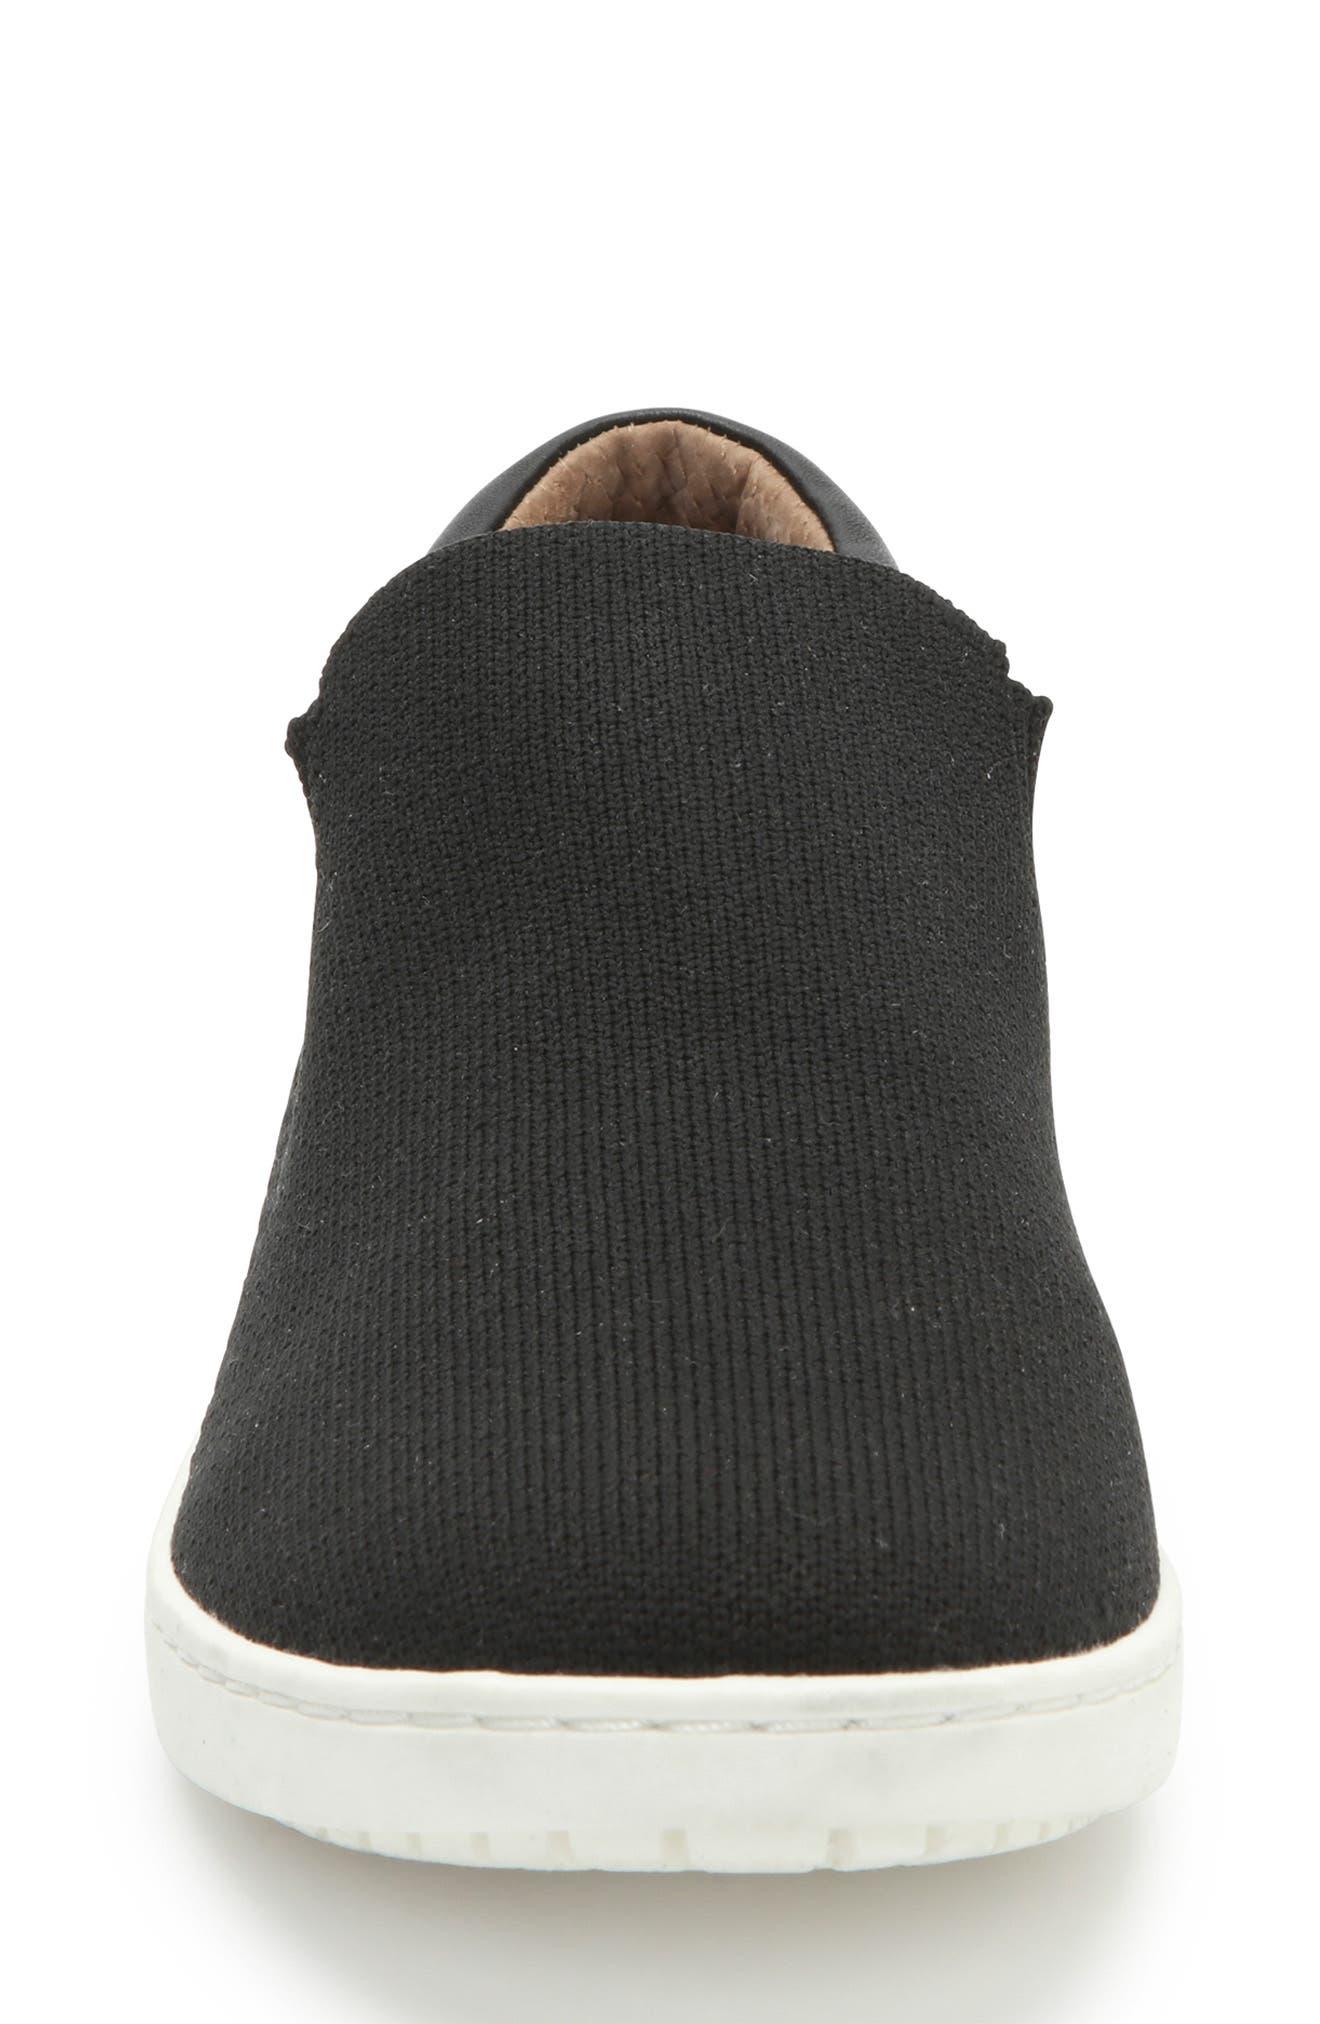 ADAM TUCKER BY ME TOO,                             Adam Tucker Romy Slip-On Sneaker,                             Alternate thumbnail 4, color,                             BLACK FABRIC